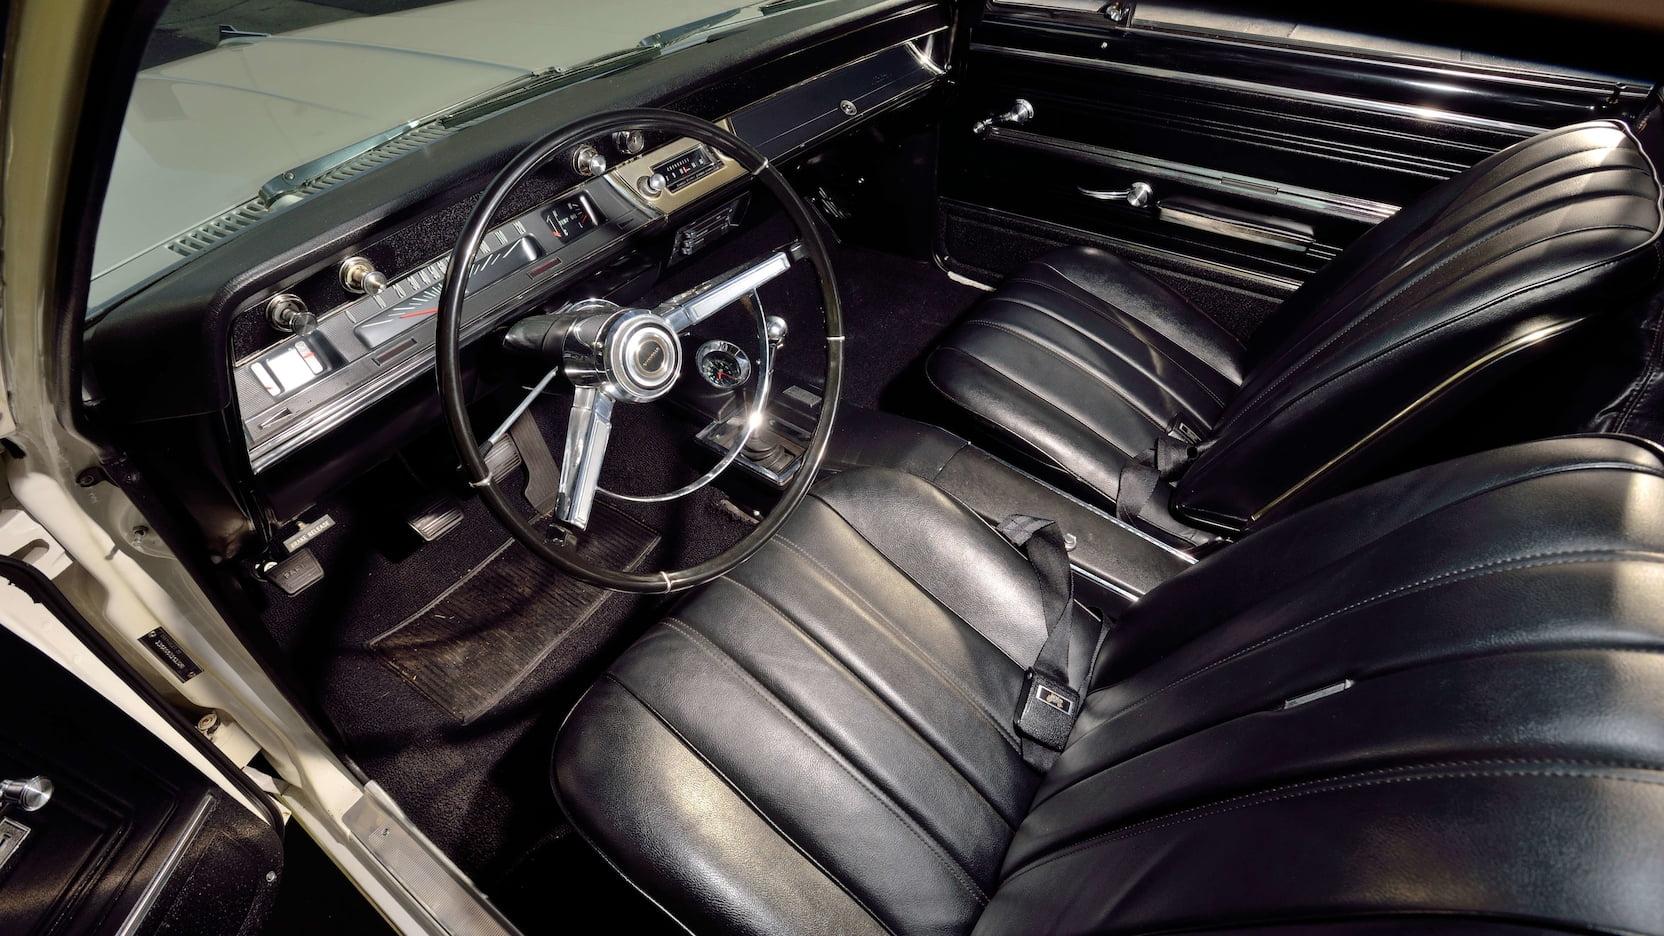 1966 Chevrolet El Camino interior